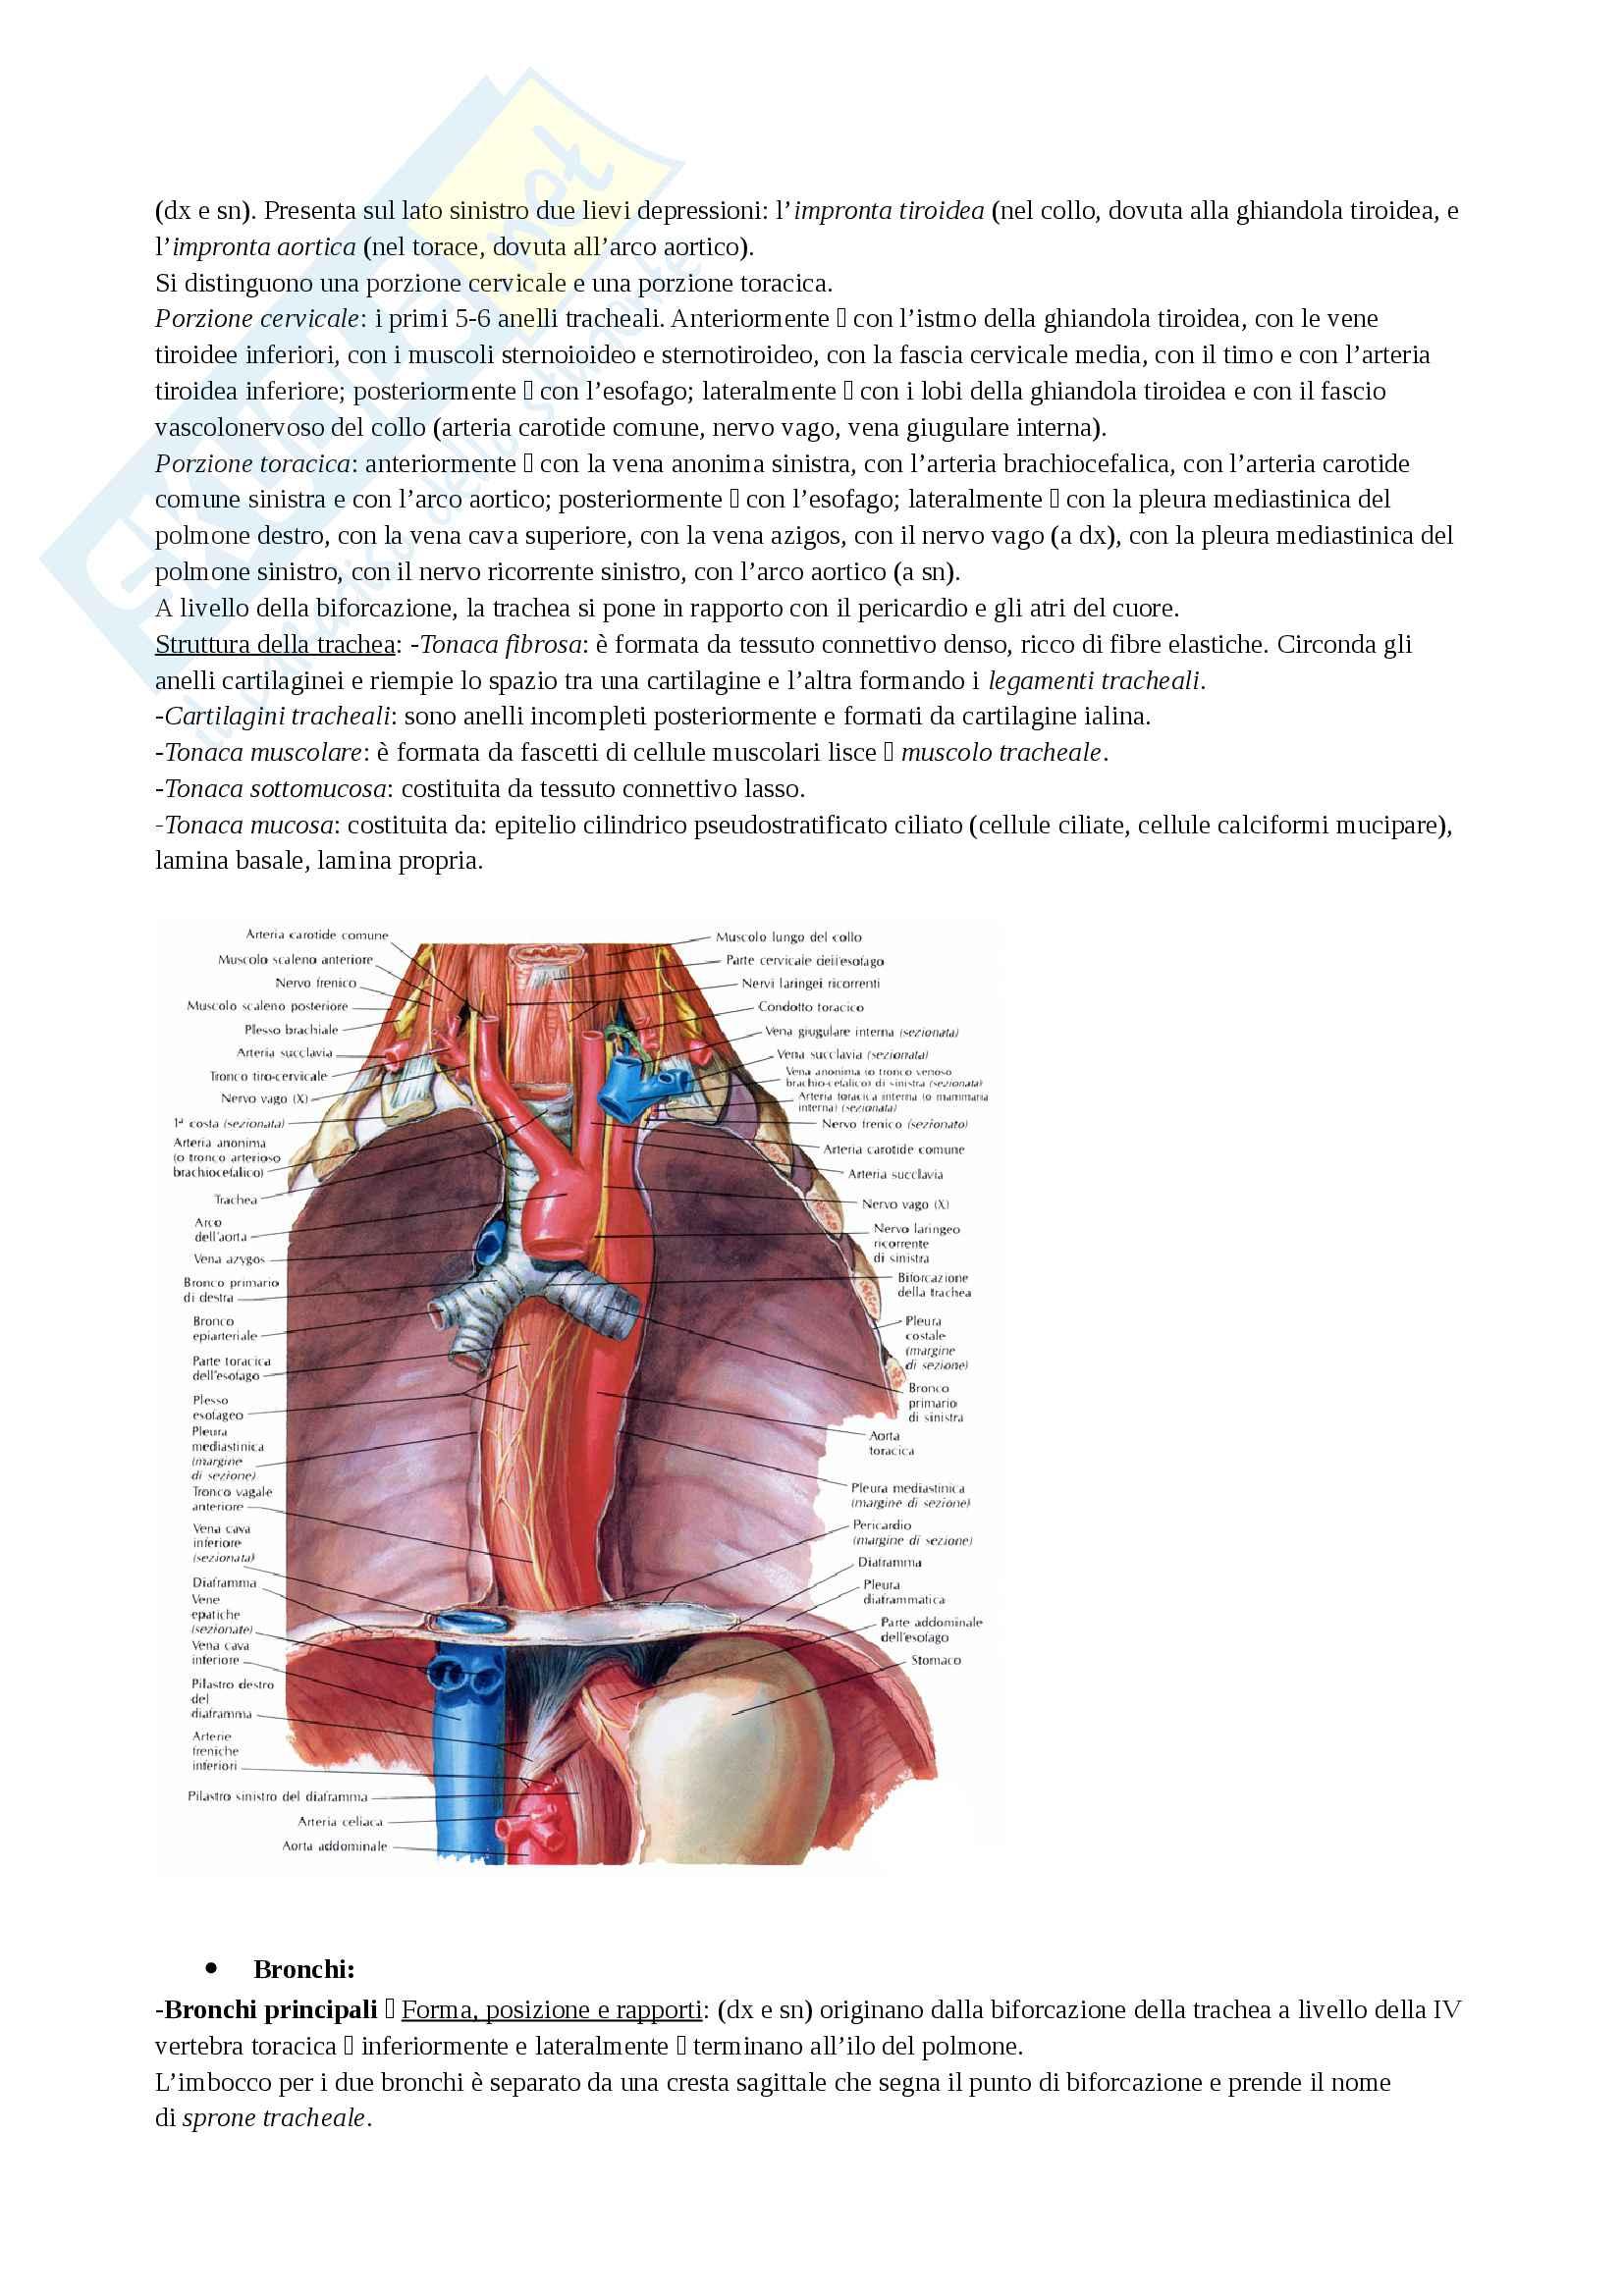 Riassunto con immagini sull'apparato respiratorio Pag. 6